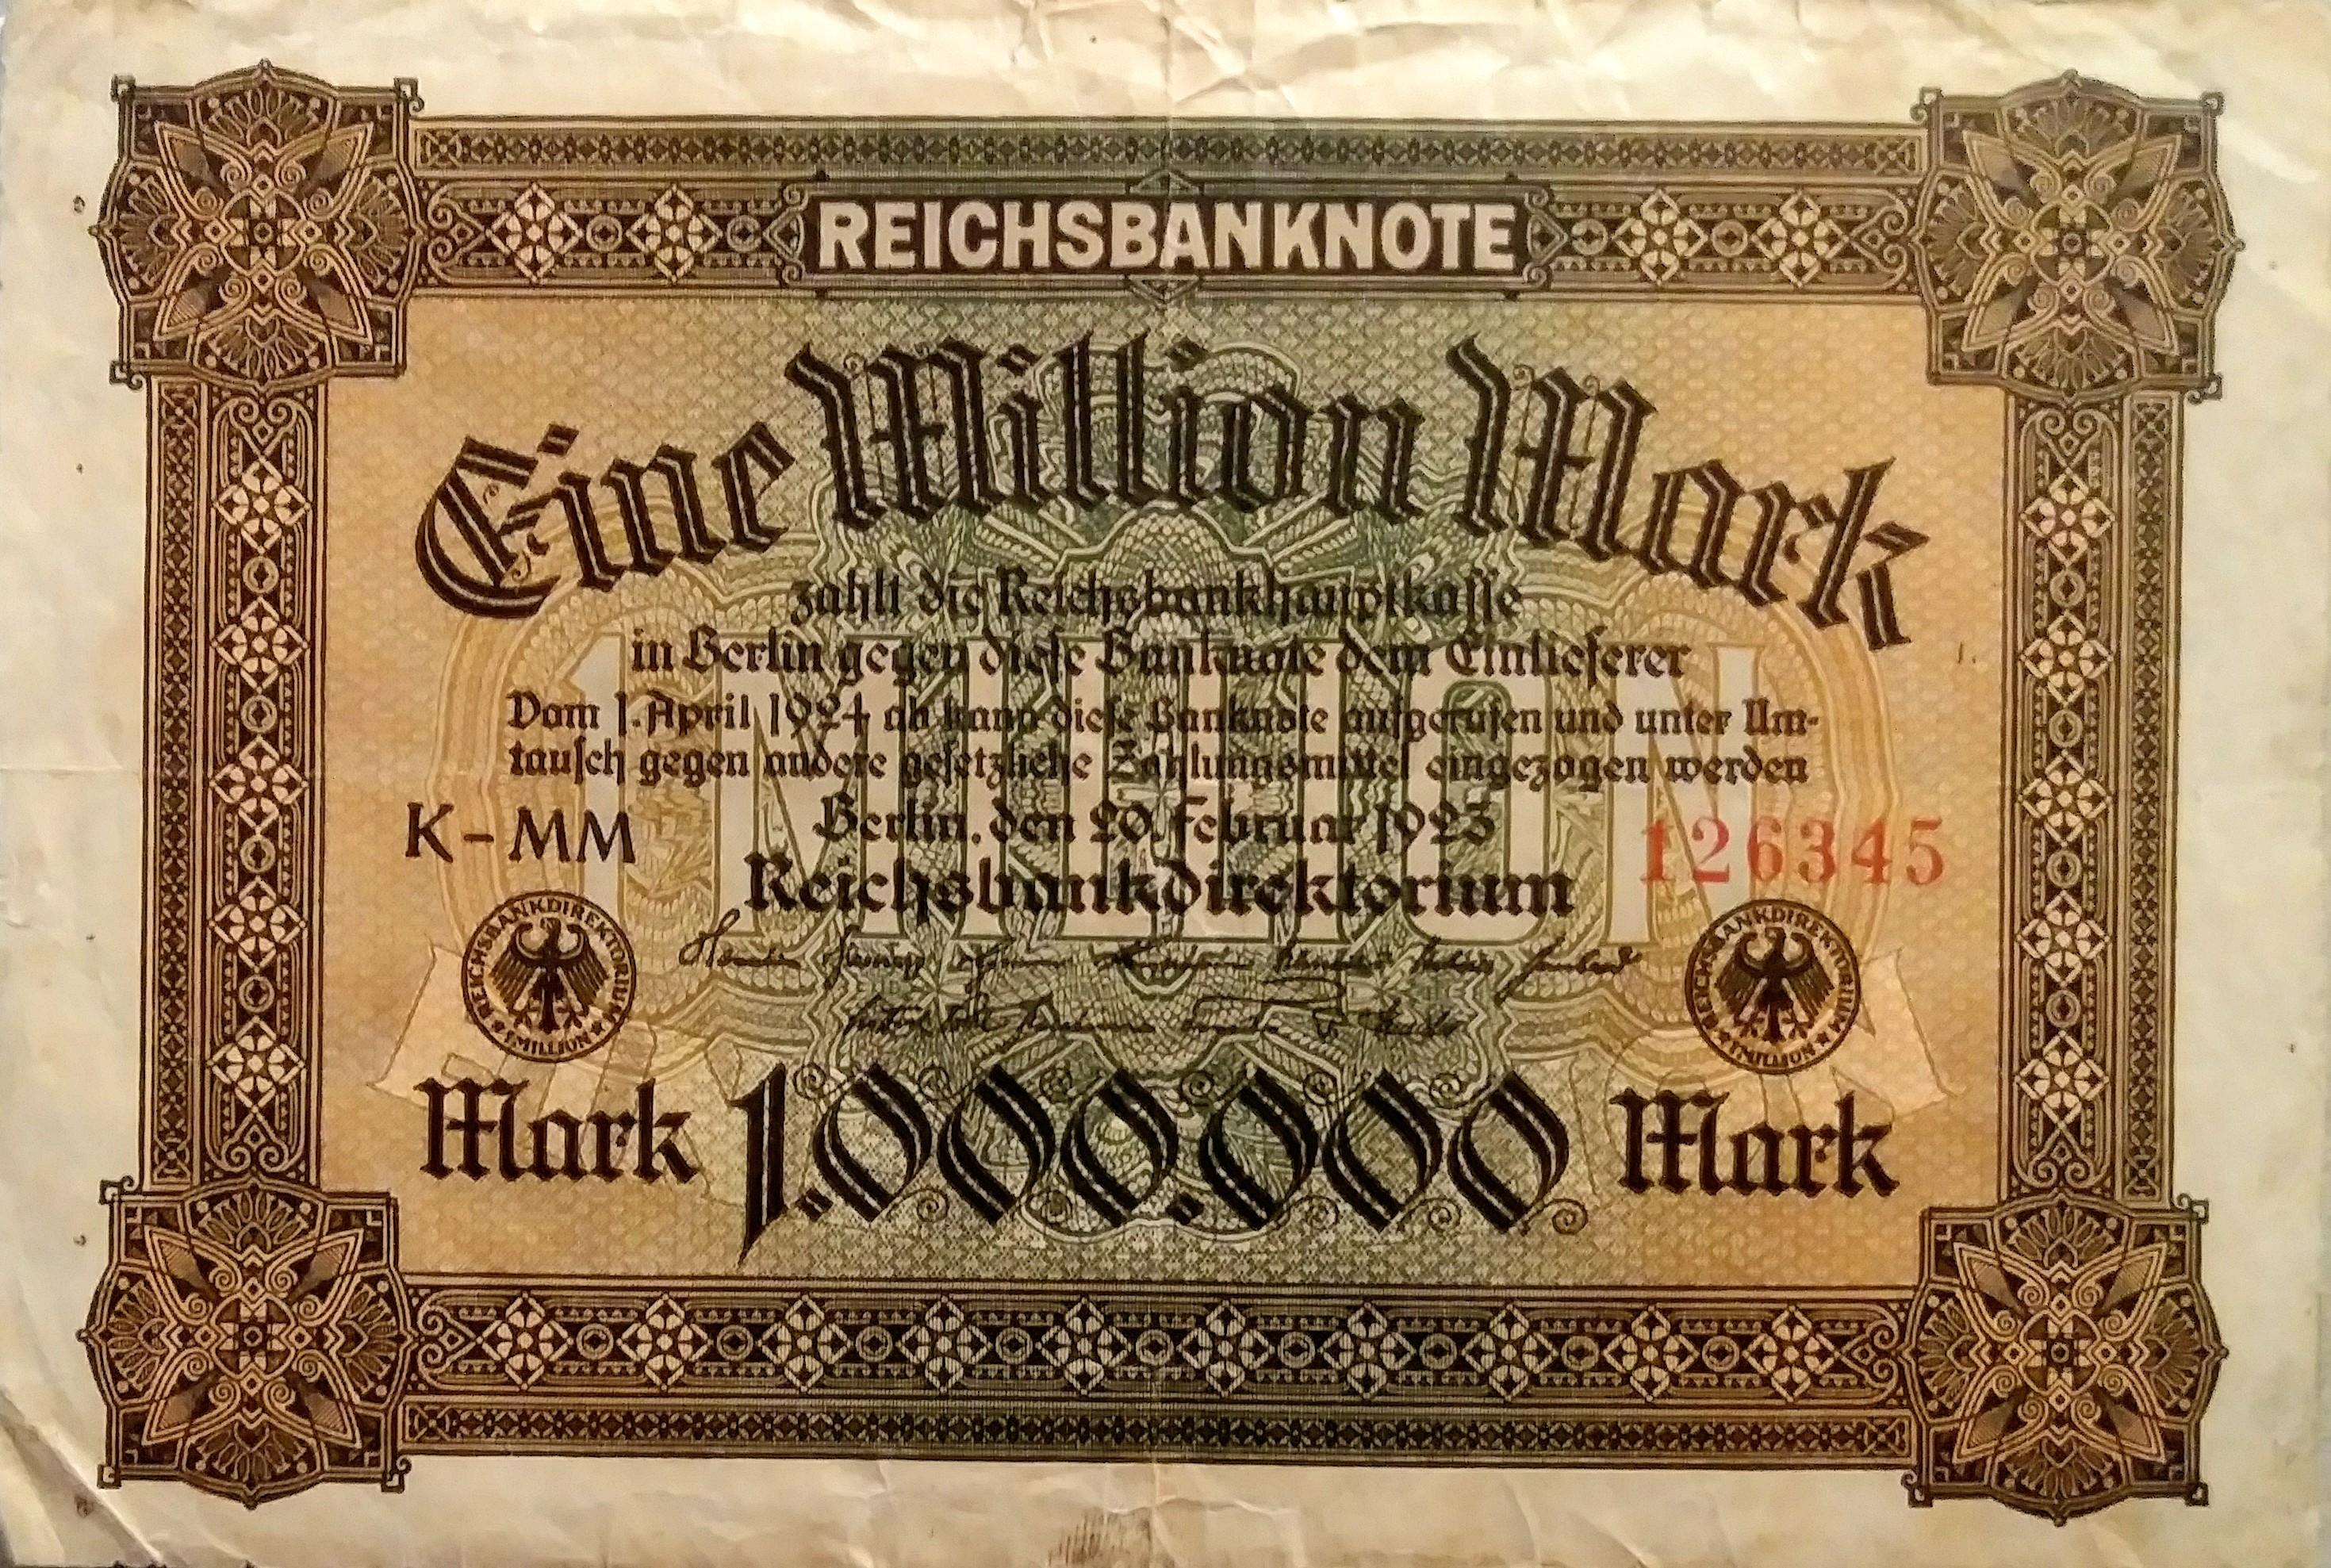 2 Million Mark 1923 Reichsbanknote